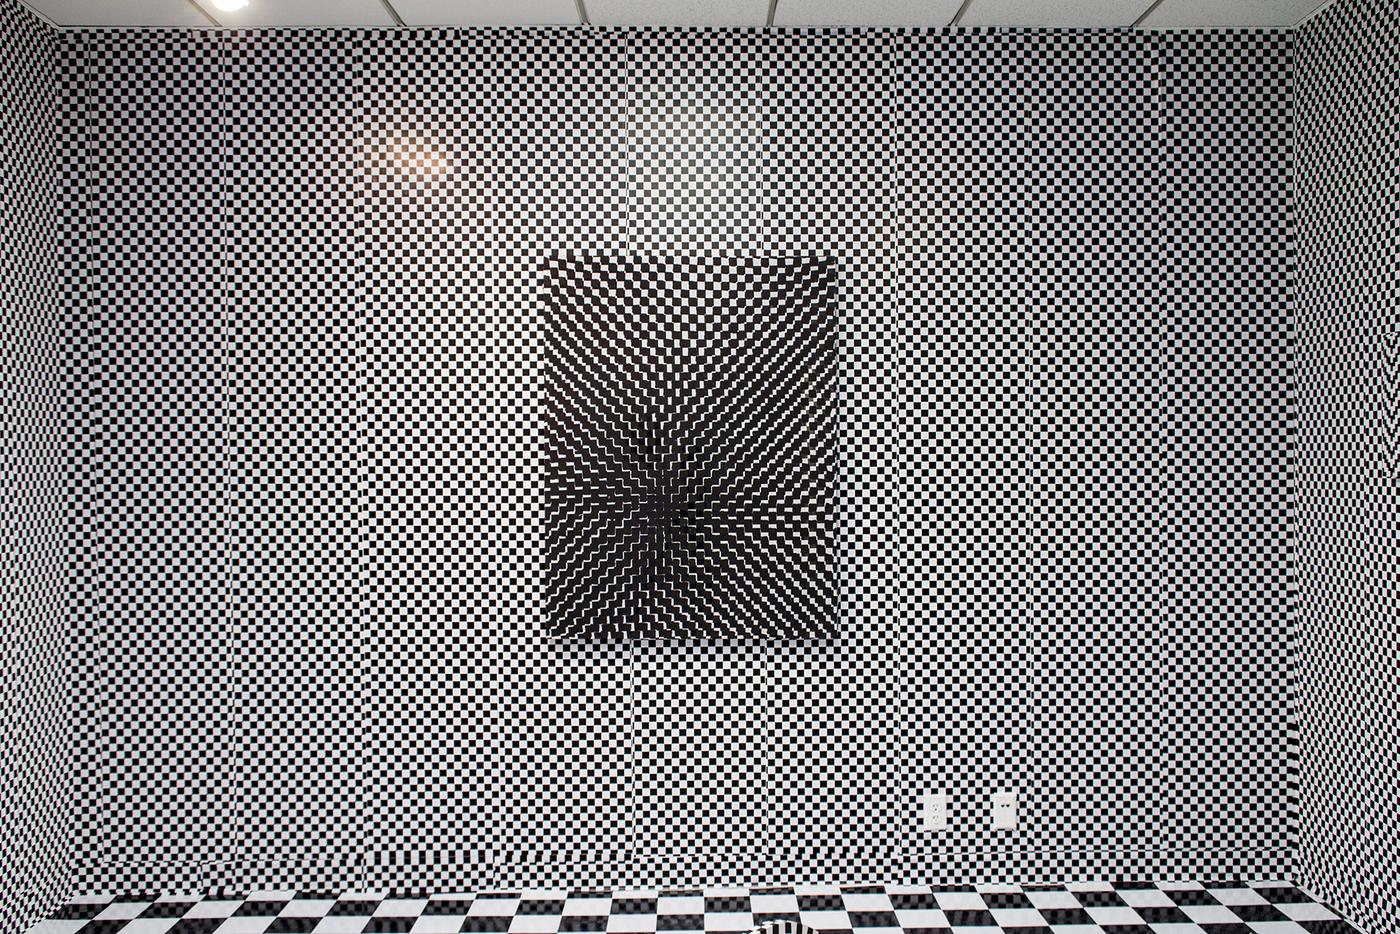 xhbtr_aed19251-59d6-4ff0-a775-df97a4ff4e22_w1400[1]